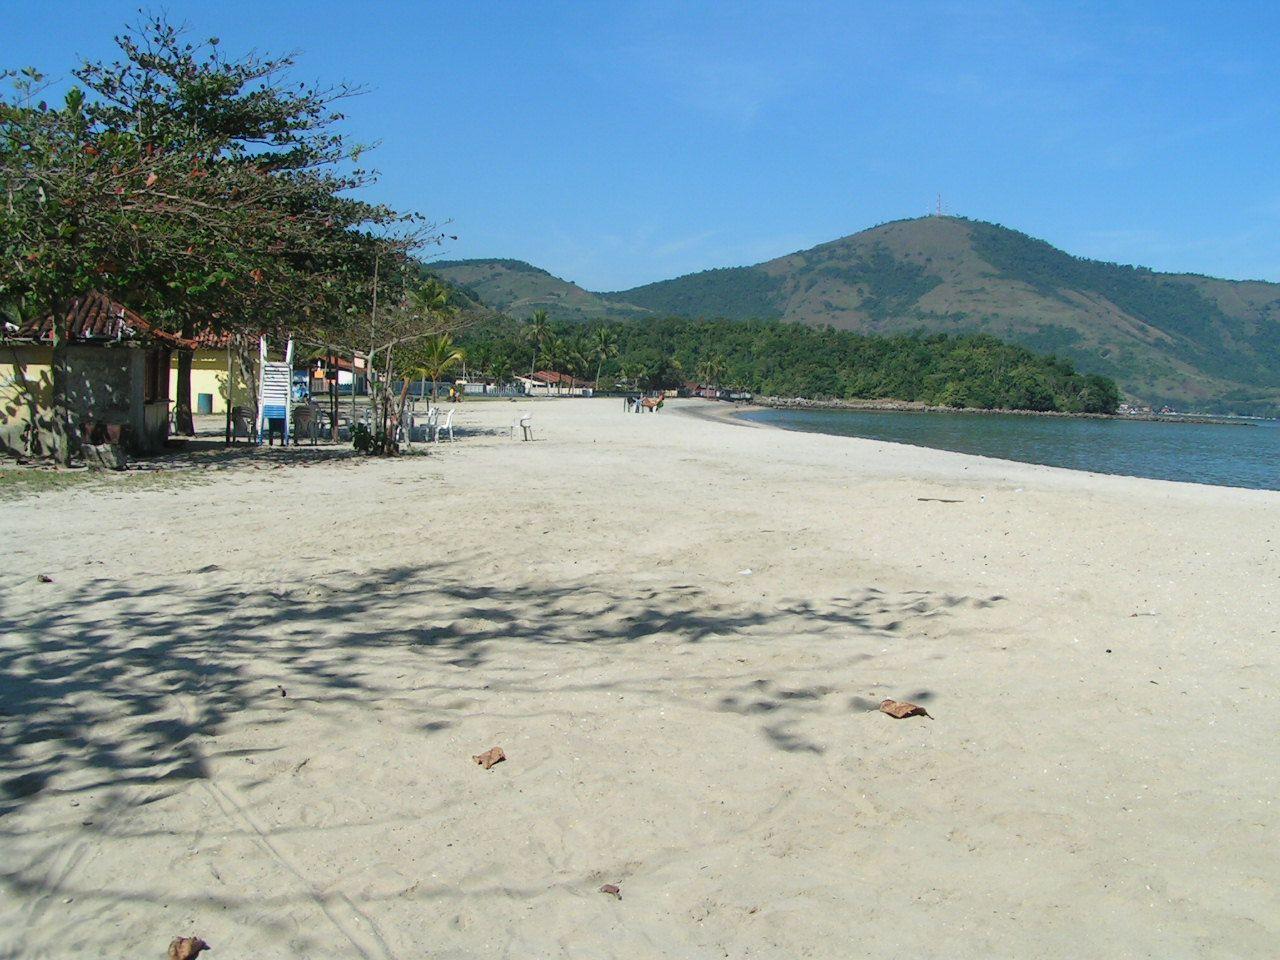 The beach at Jacuacanga Angra dos Reis Brasil where I grew up.